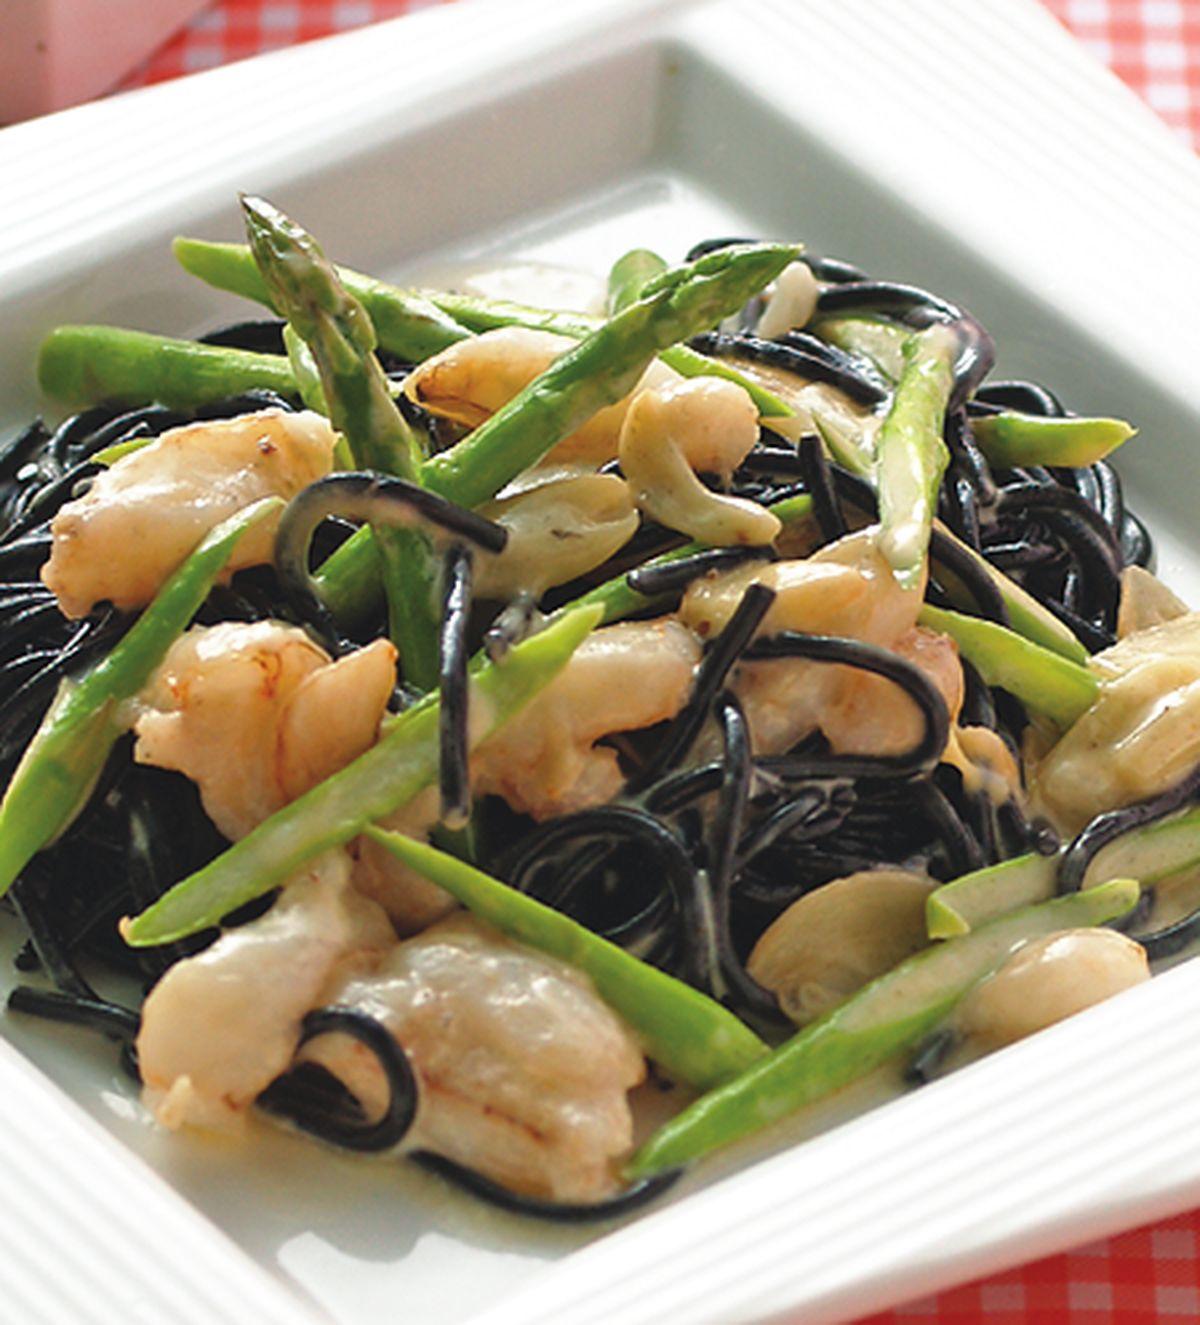 食譜:蒜味蟹肉奶油墨魚麵